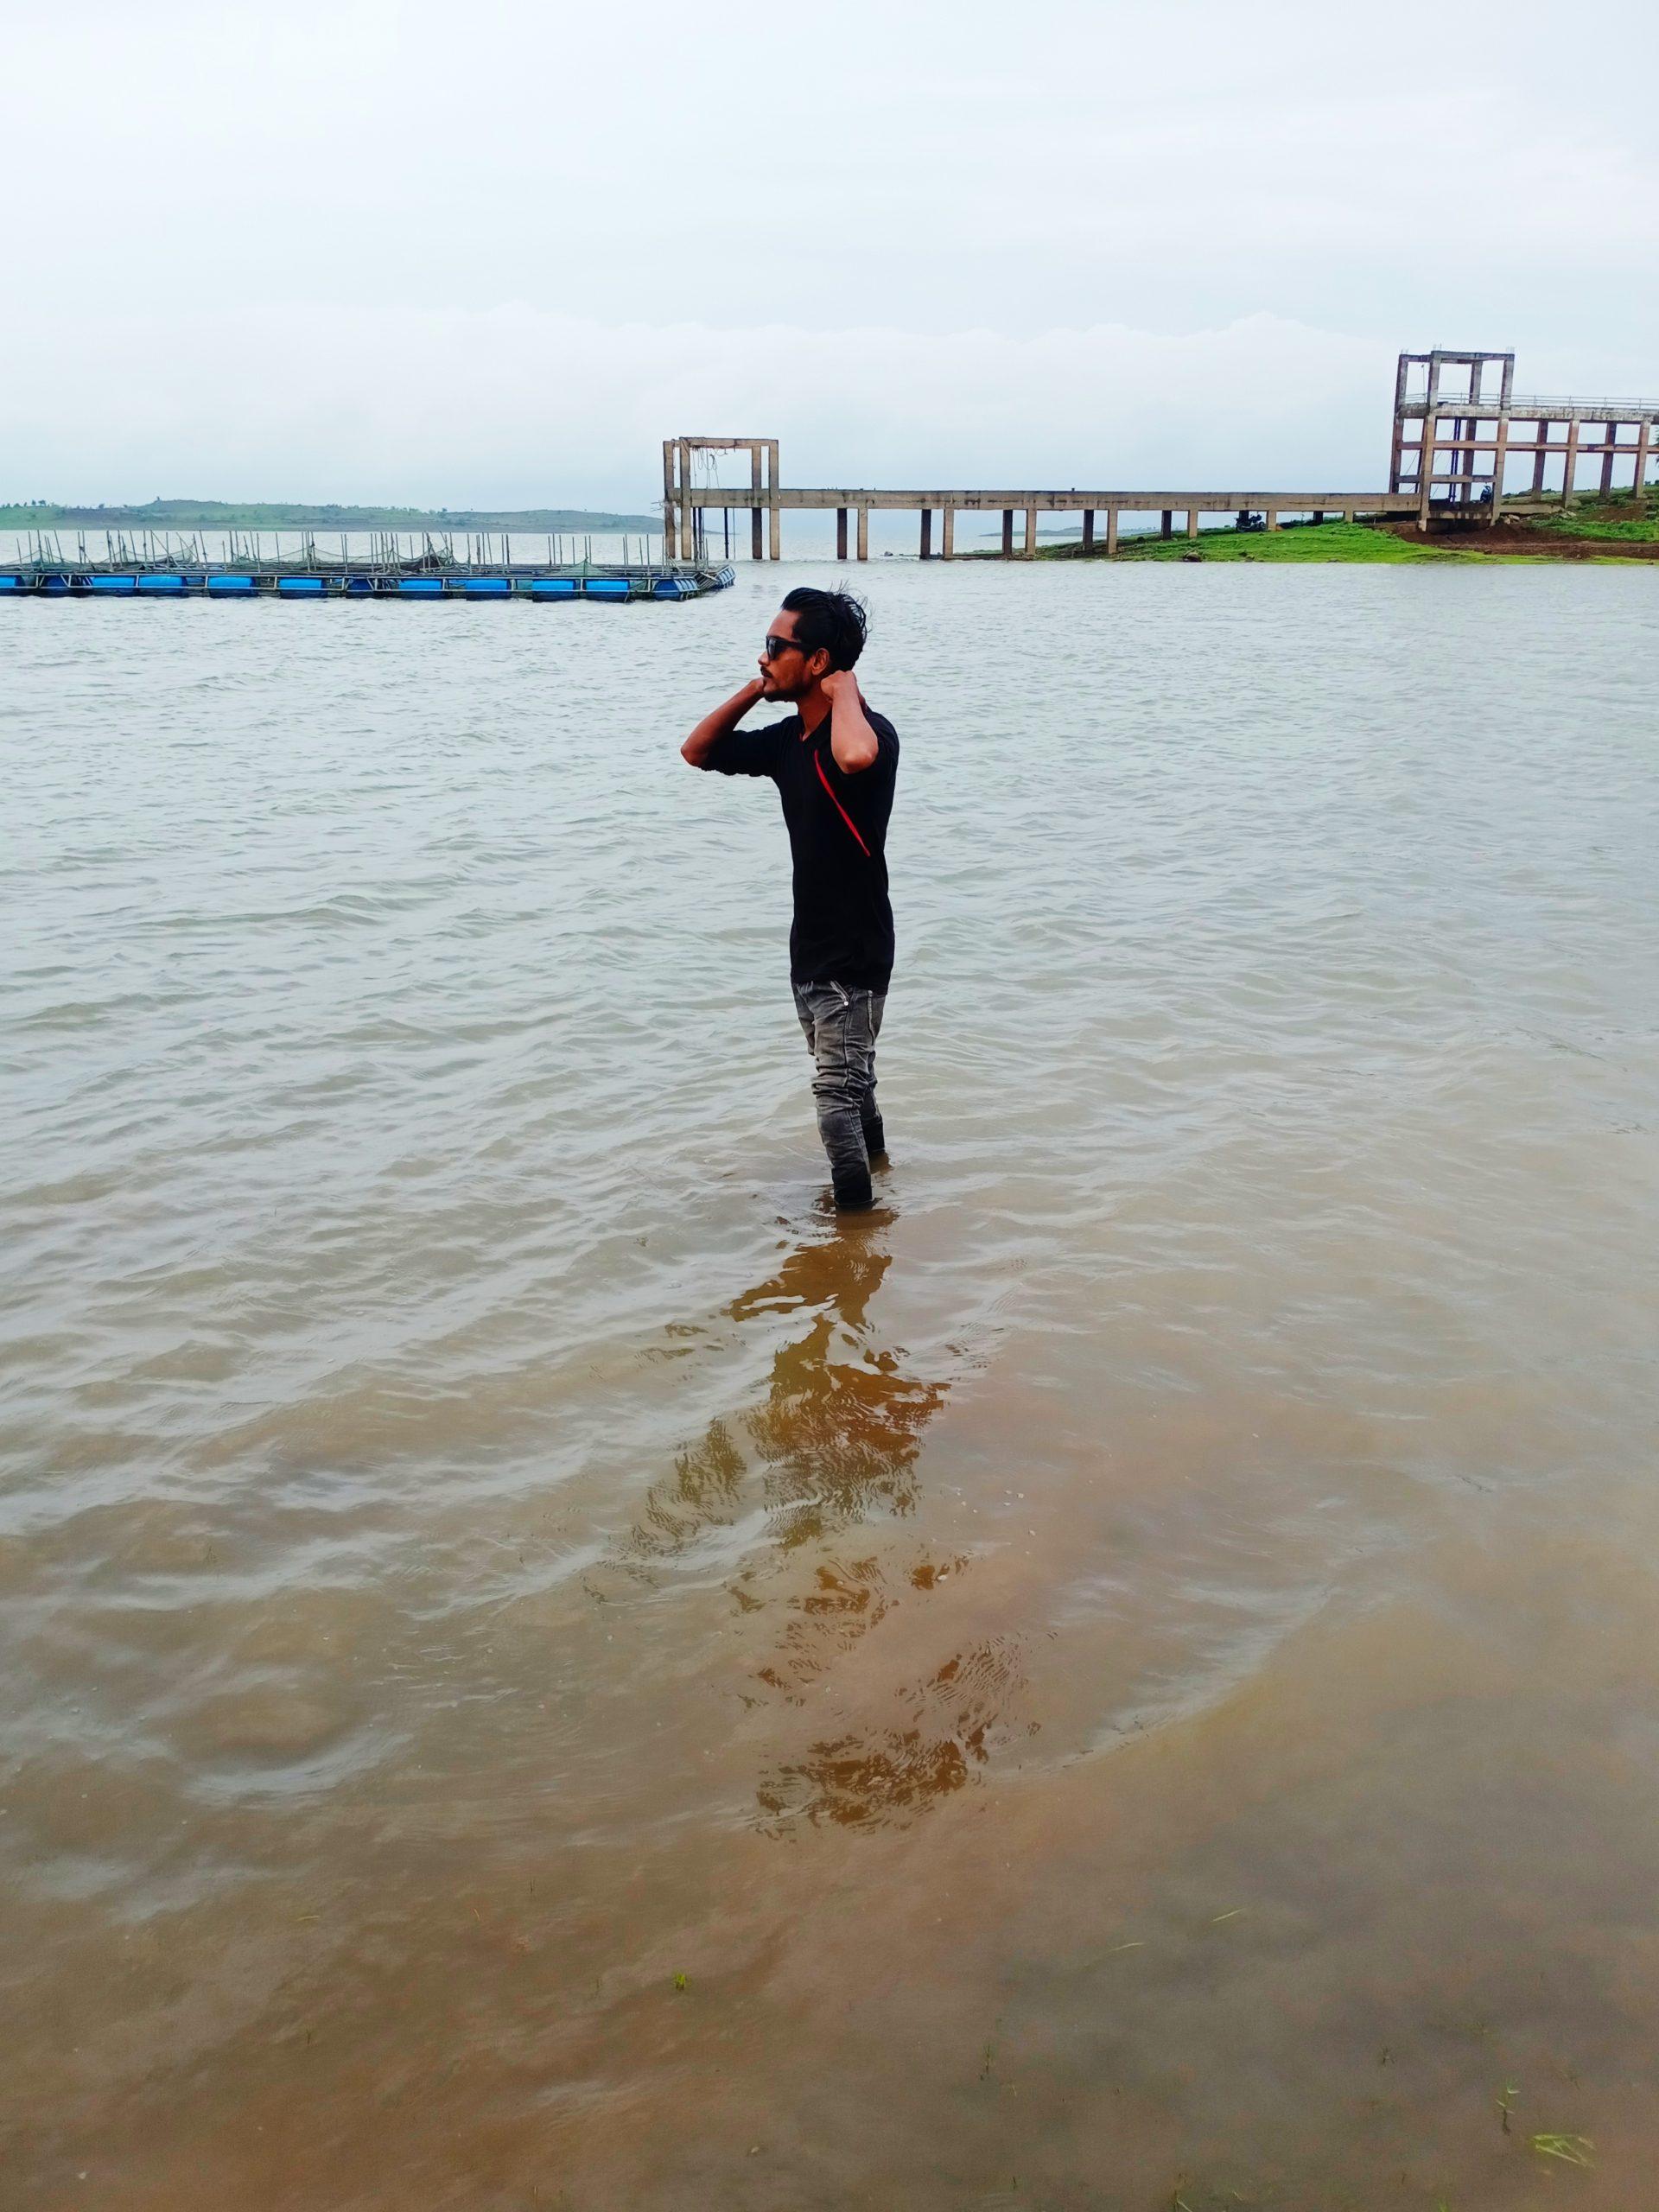 A boy in water